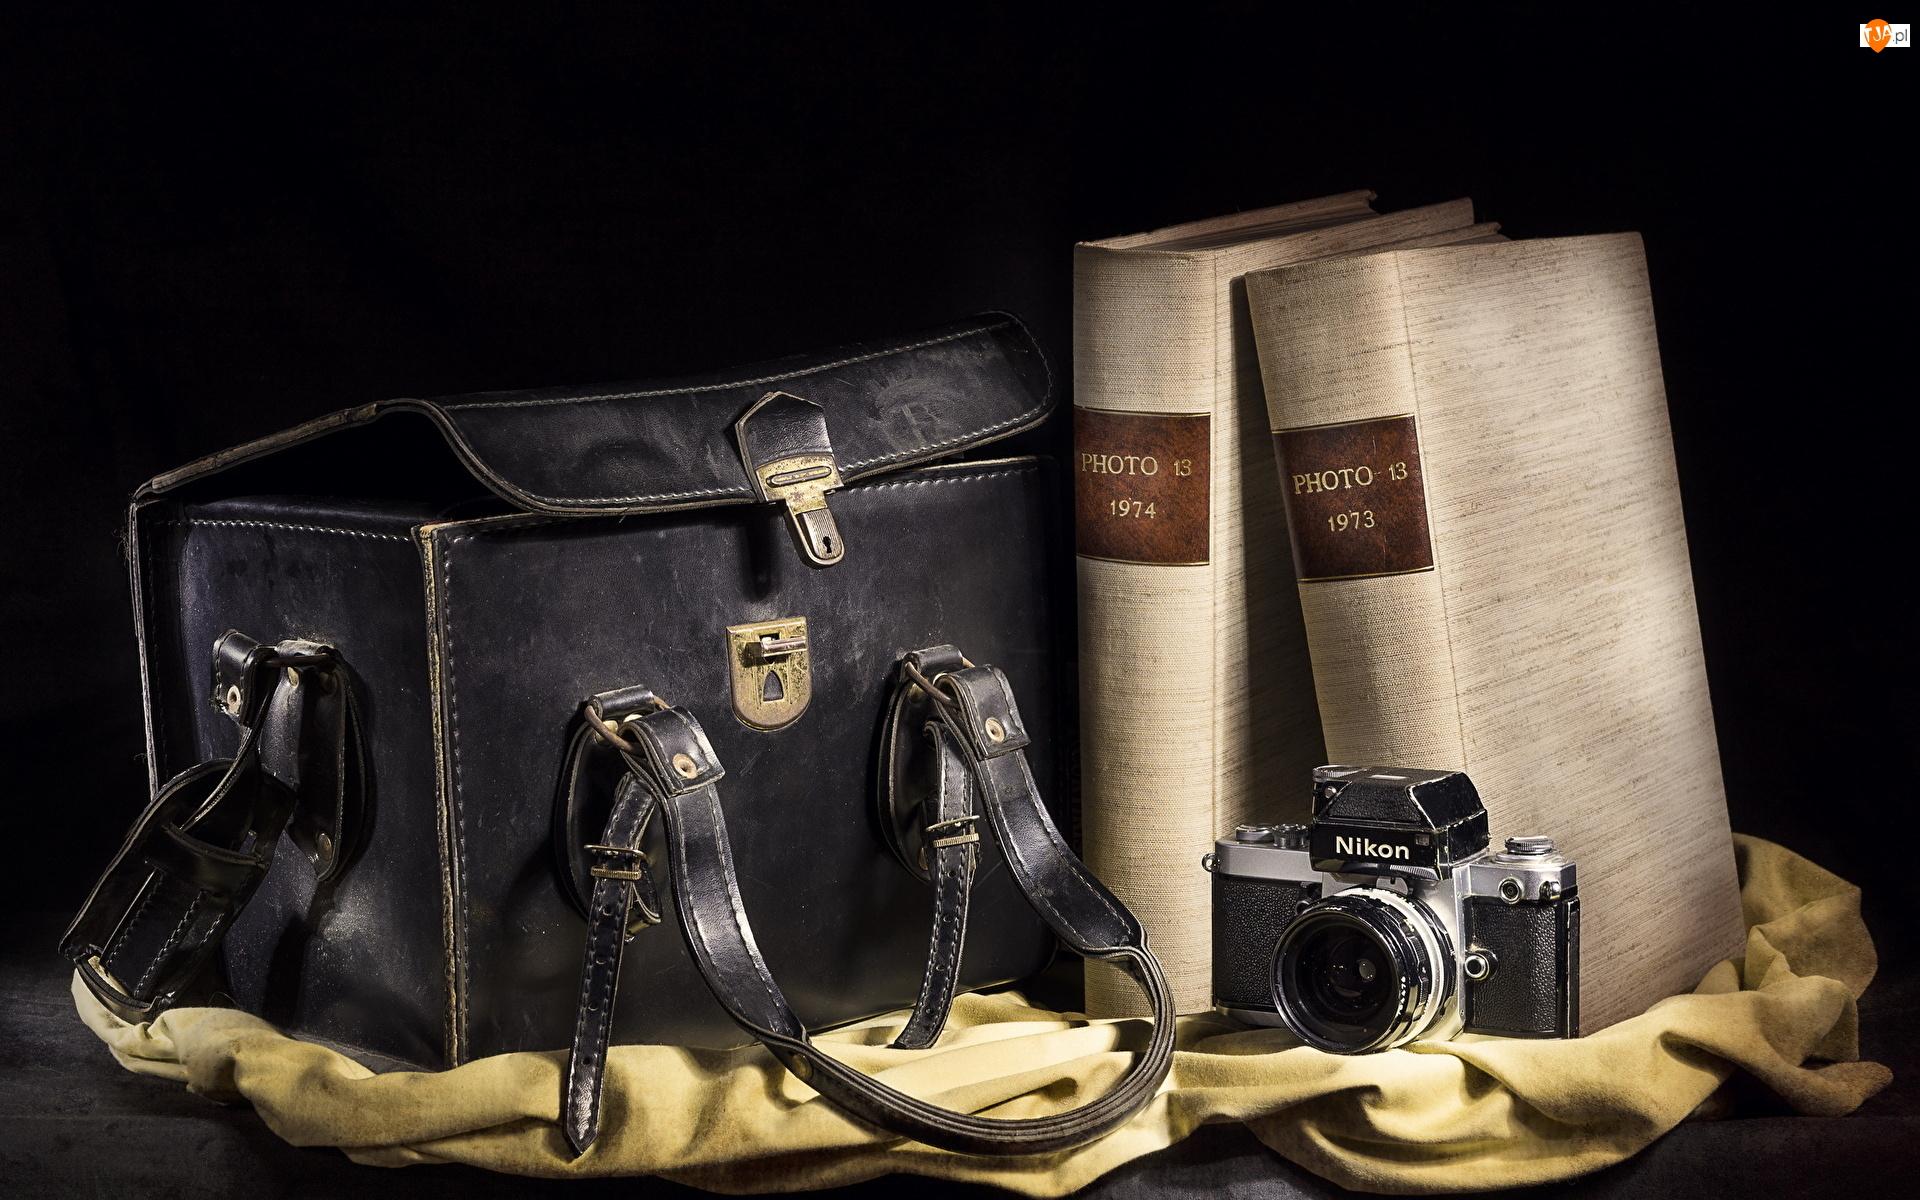 Książki, Torba, Nikon, Aparat fotograficzny, Albumy